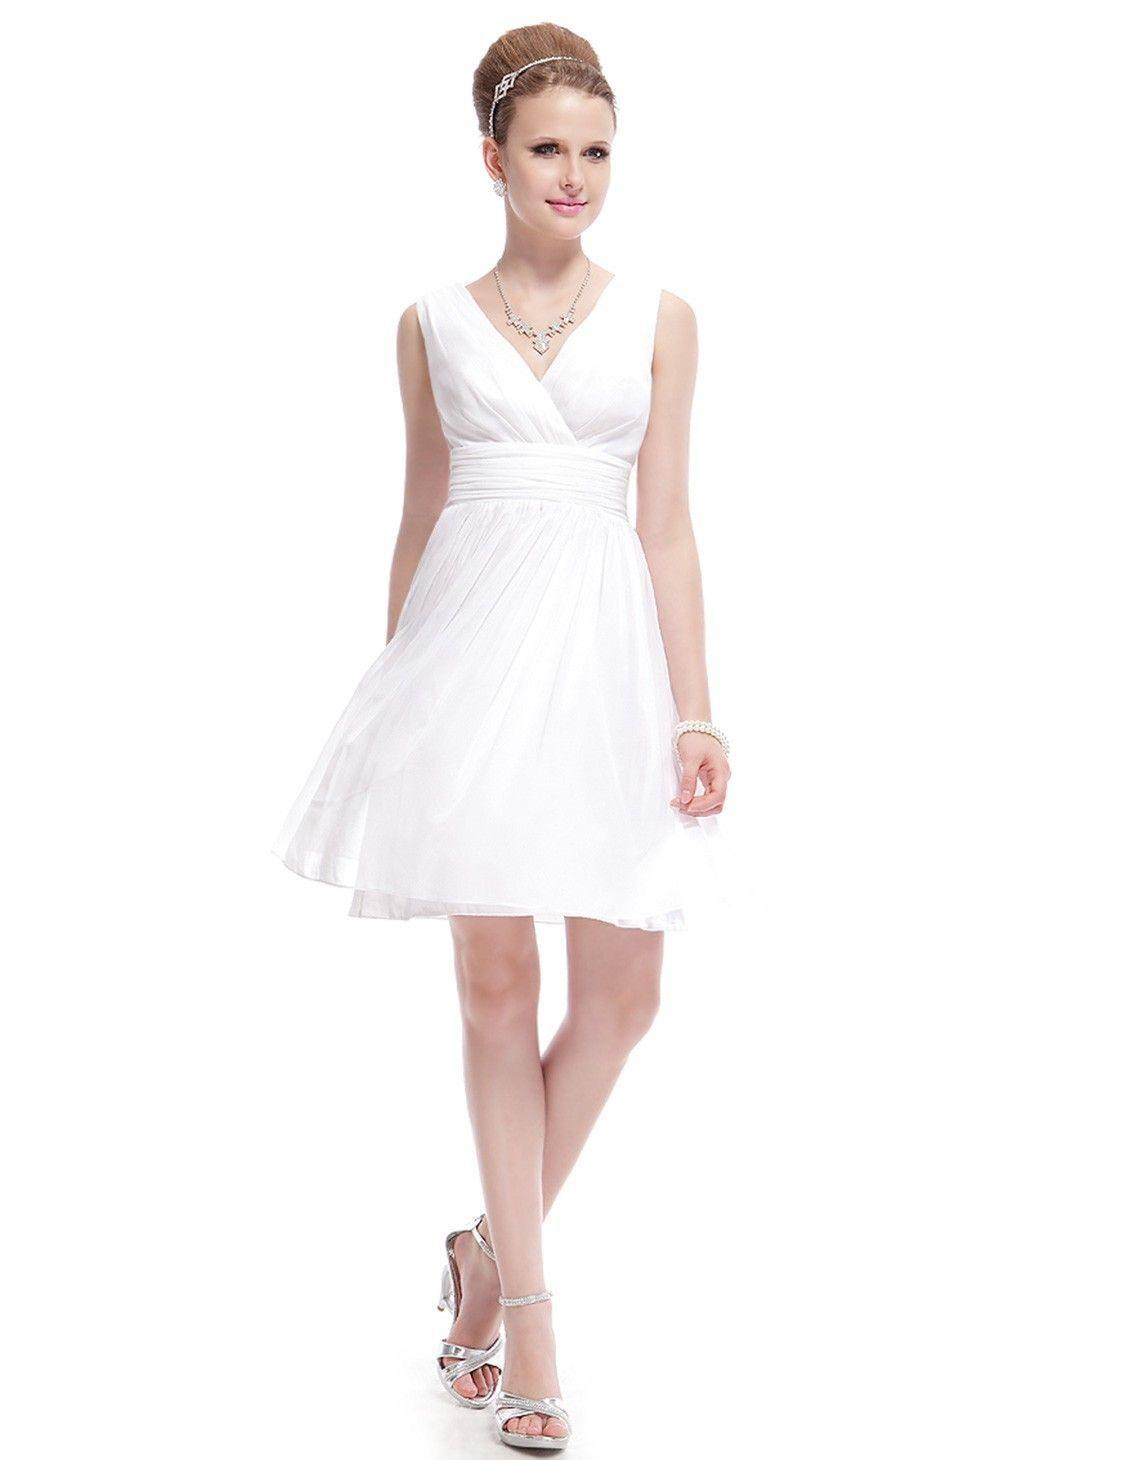 Genial Knielange Kleider Für Festliche Anlässe Boutique17 Luxurius Knielange Kleider Für Festliche Anlässe Vertrieb